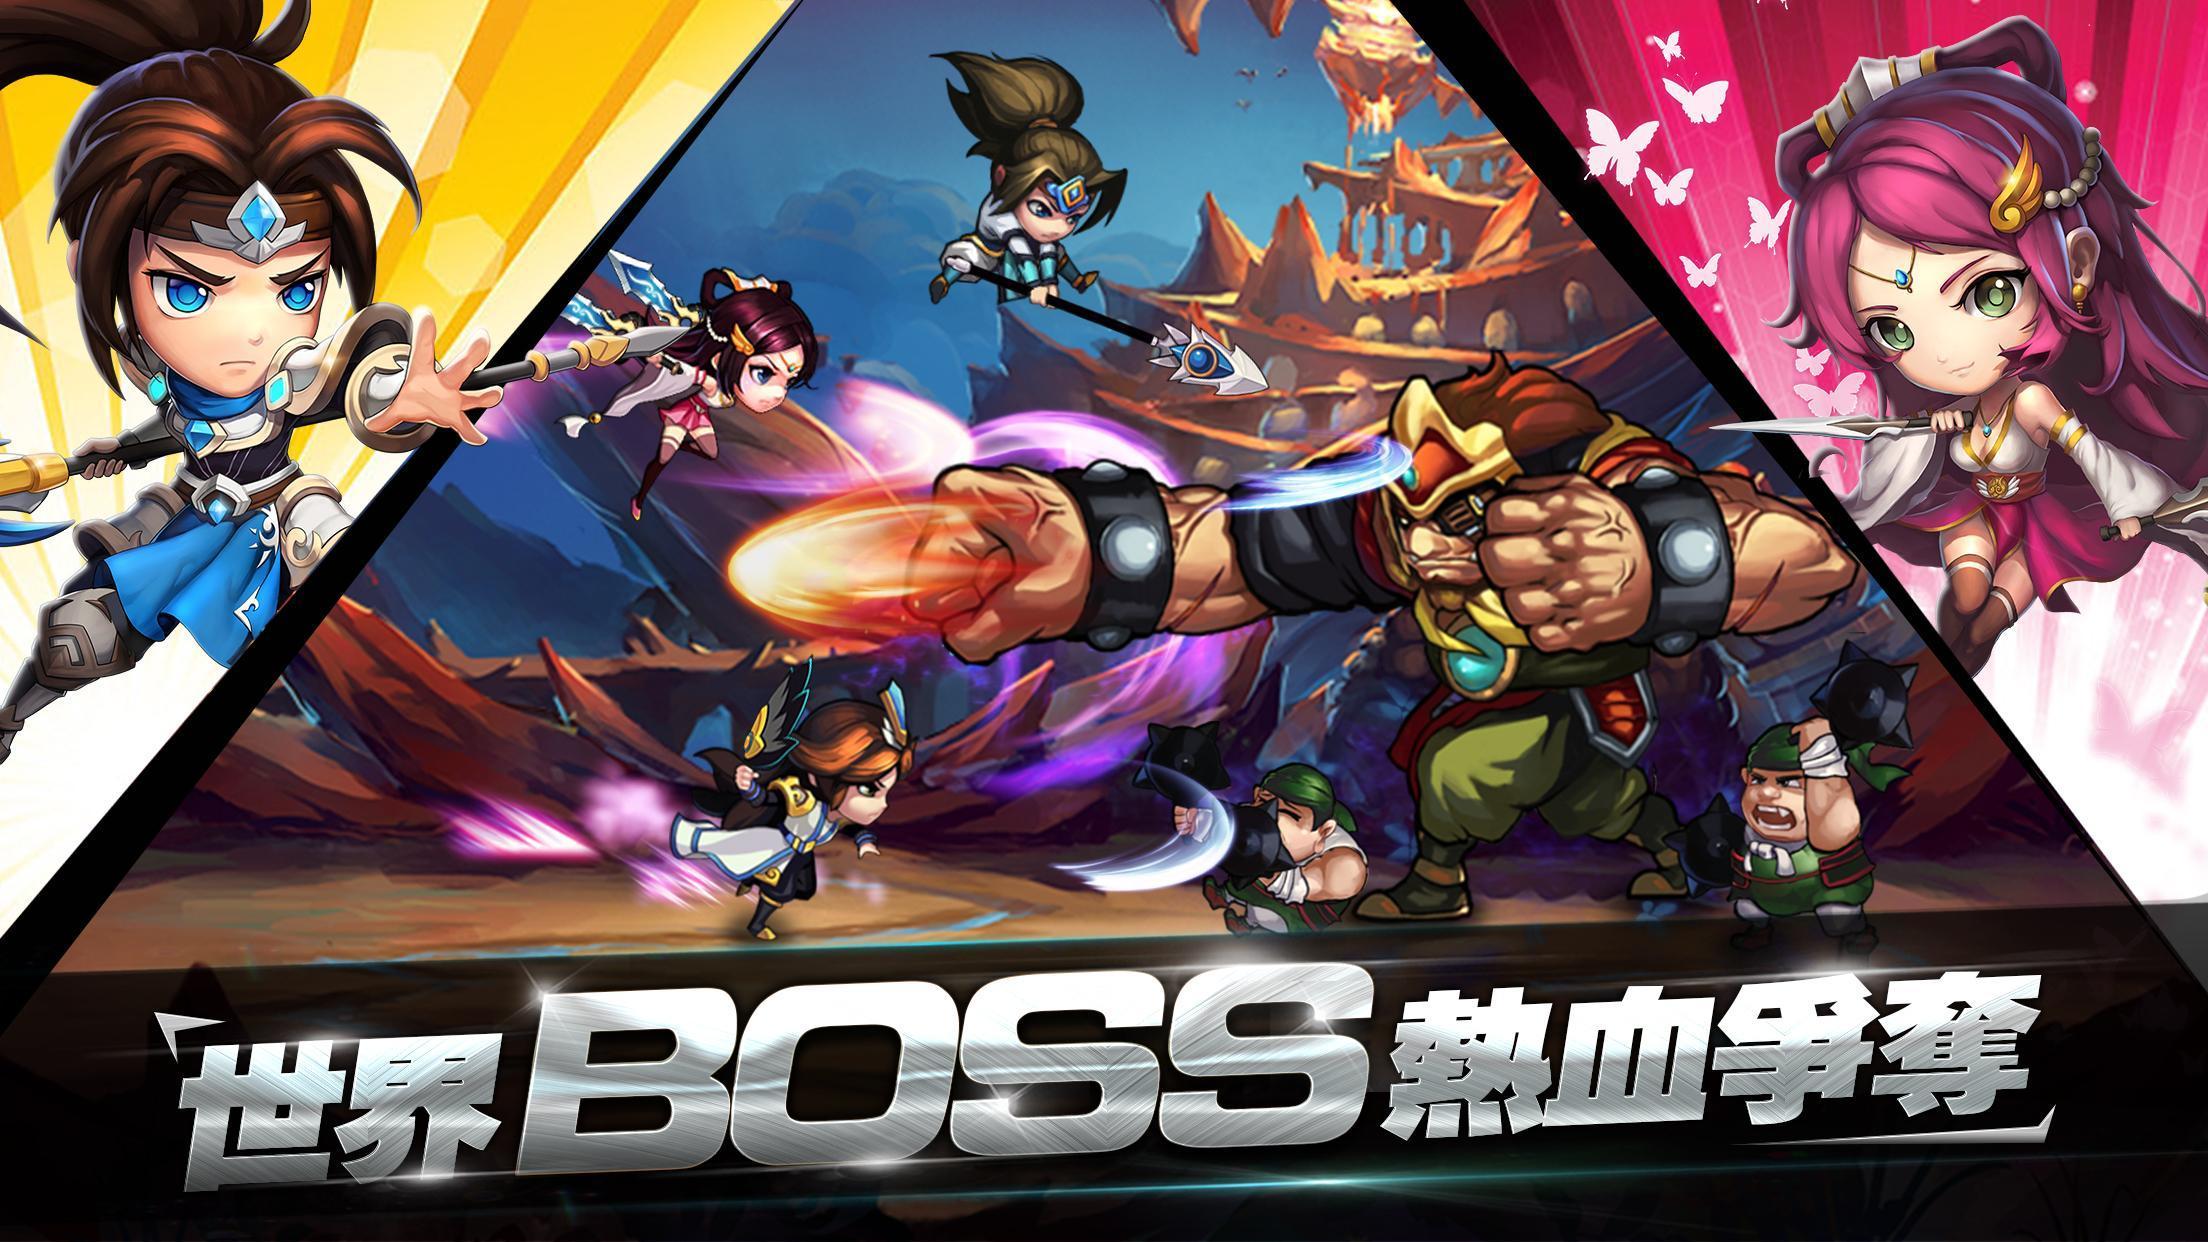 乱舞之刃: Blade Saga for Android - APK Download